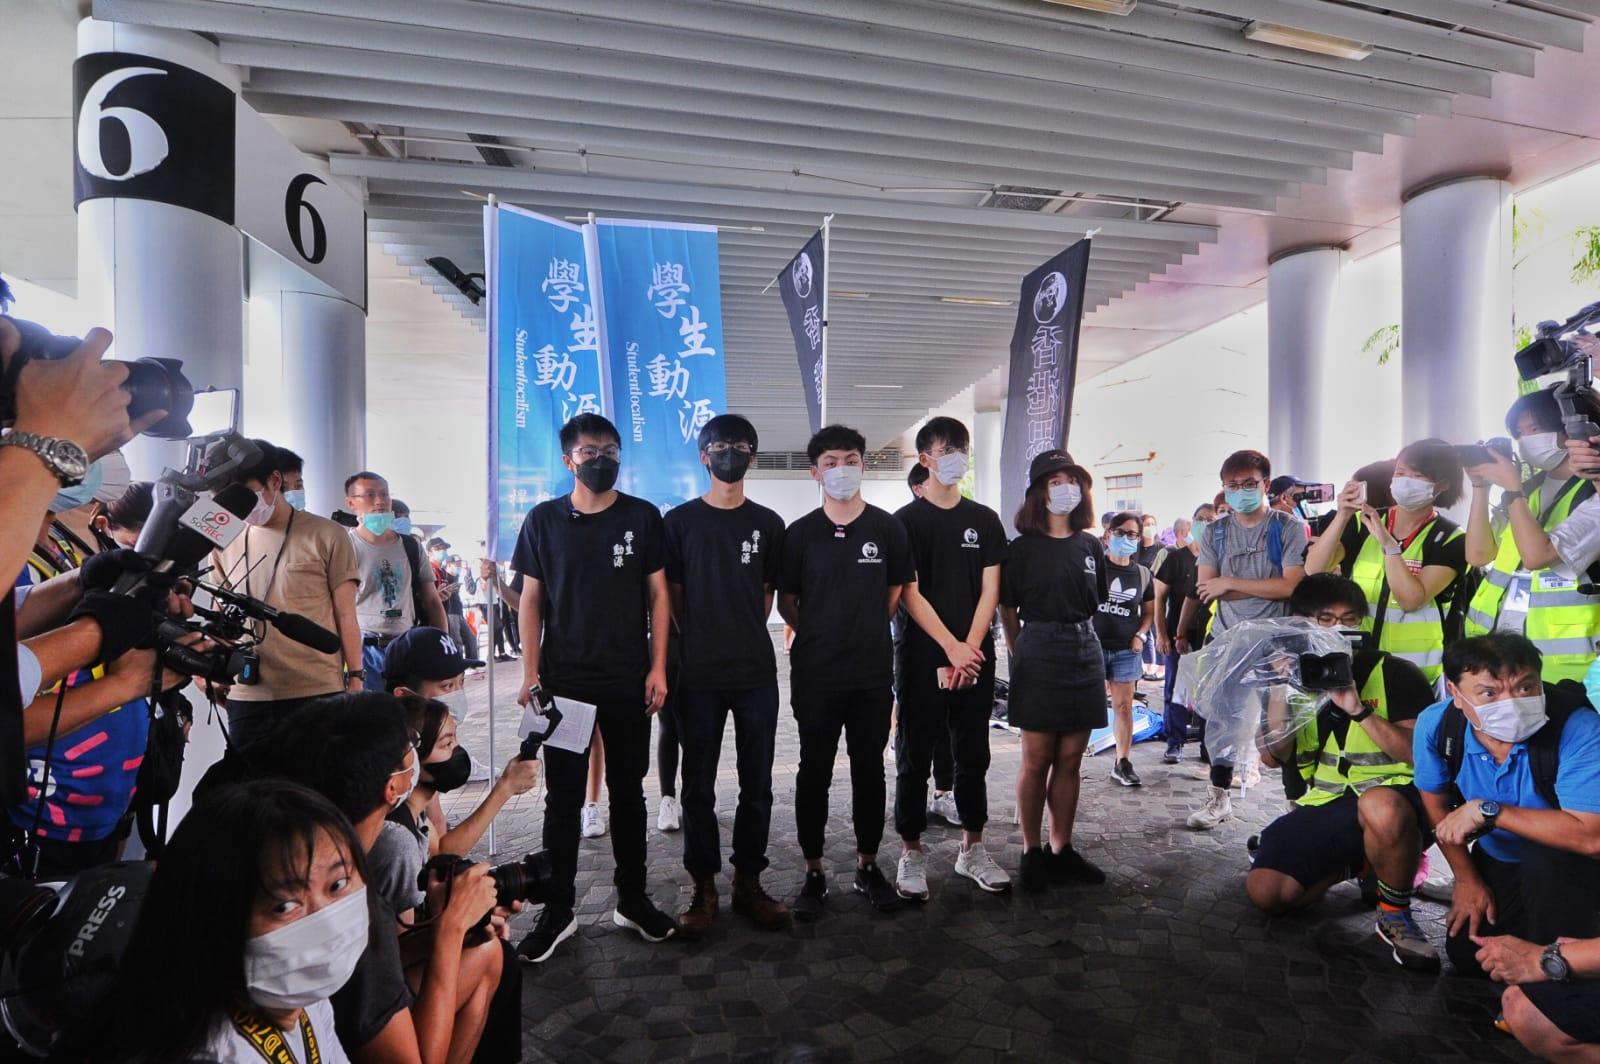 學生組織「學生動源」及「香港思流」在尖沙咀碼頭擺街站。(宋碧龍/大紀元)